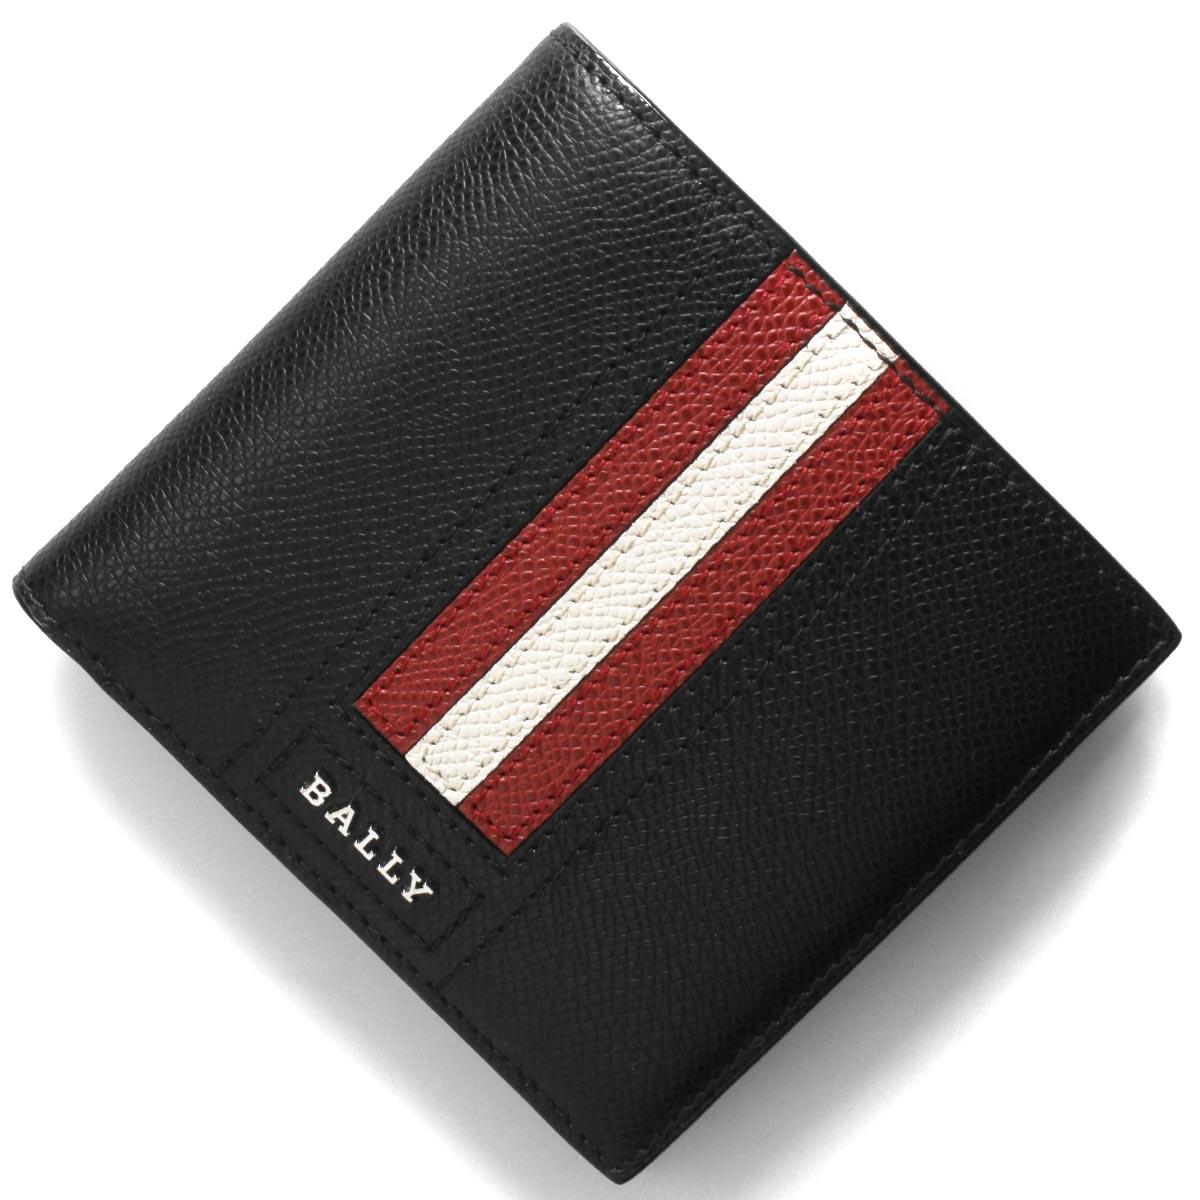 バリー 二つ折り財布 財布 メンズ テイゼル ブラック TEISEL LT 10 6218013 BALLY